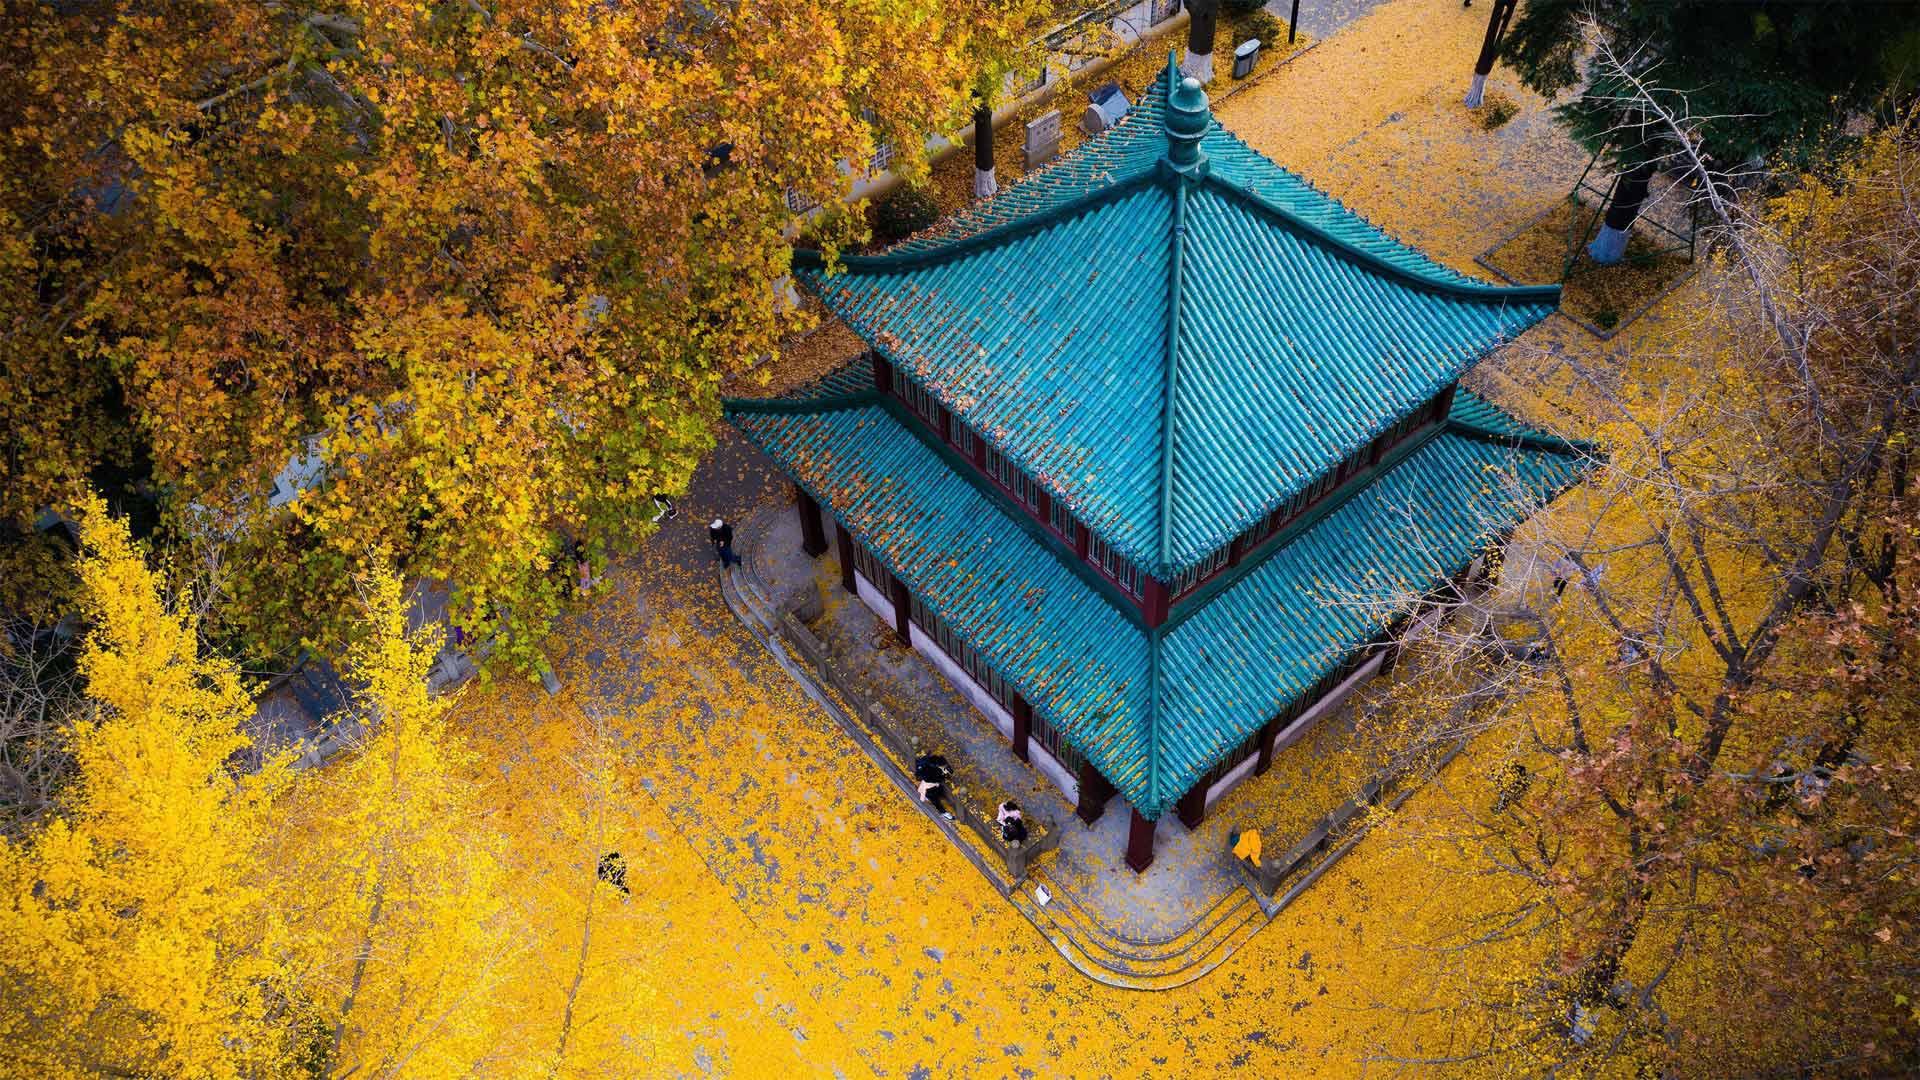 「秋の玄武湖公園」中国, 江蘇省 (© SIPA Asia/ZUMA Wire/Alamy)